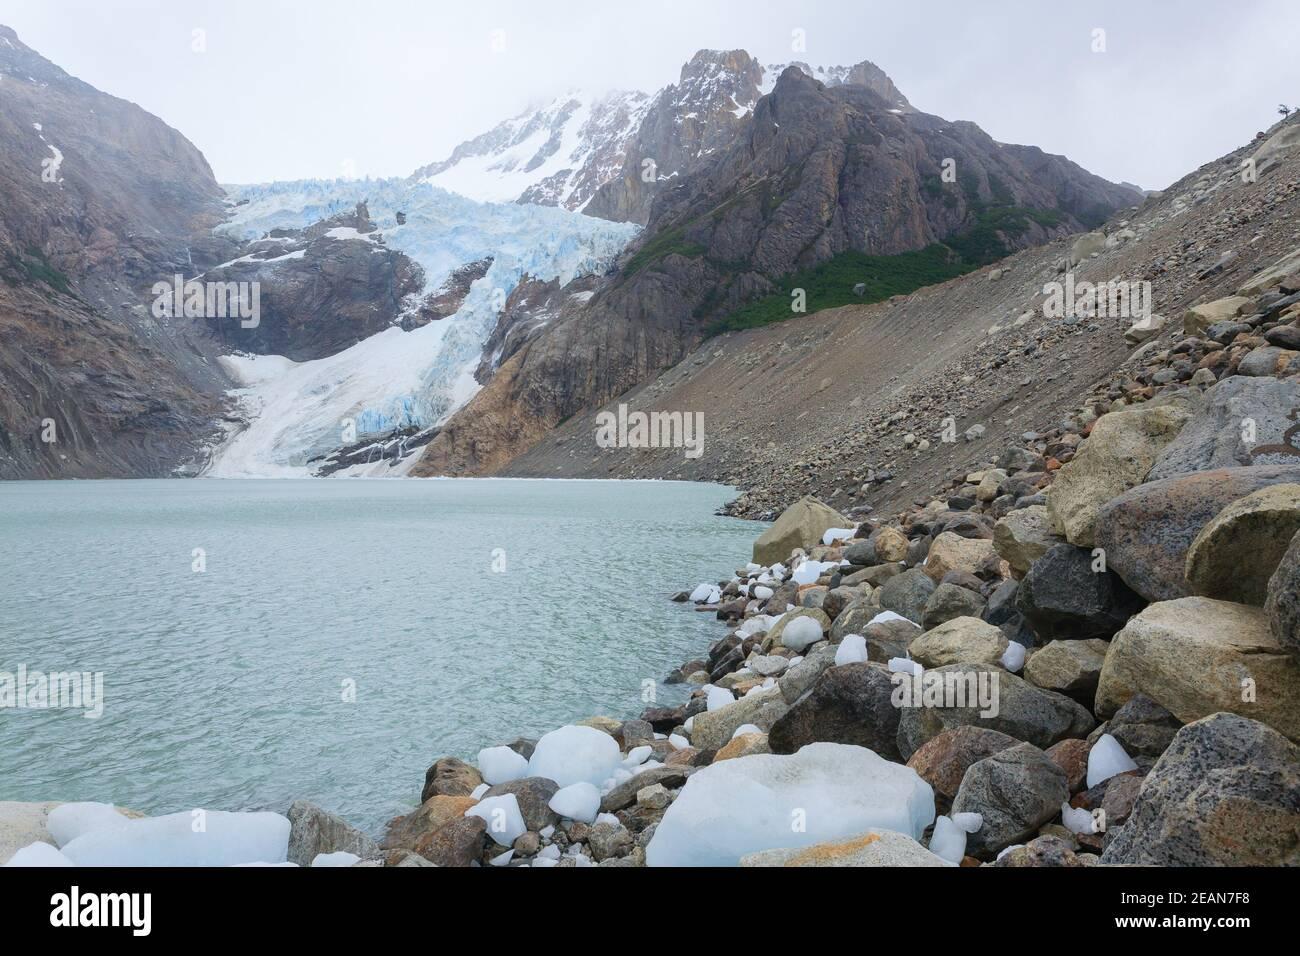 Piedras Blancas Glacier view, El Chalten, Patagonia Foto Stock